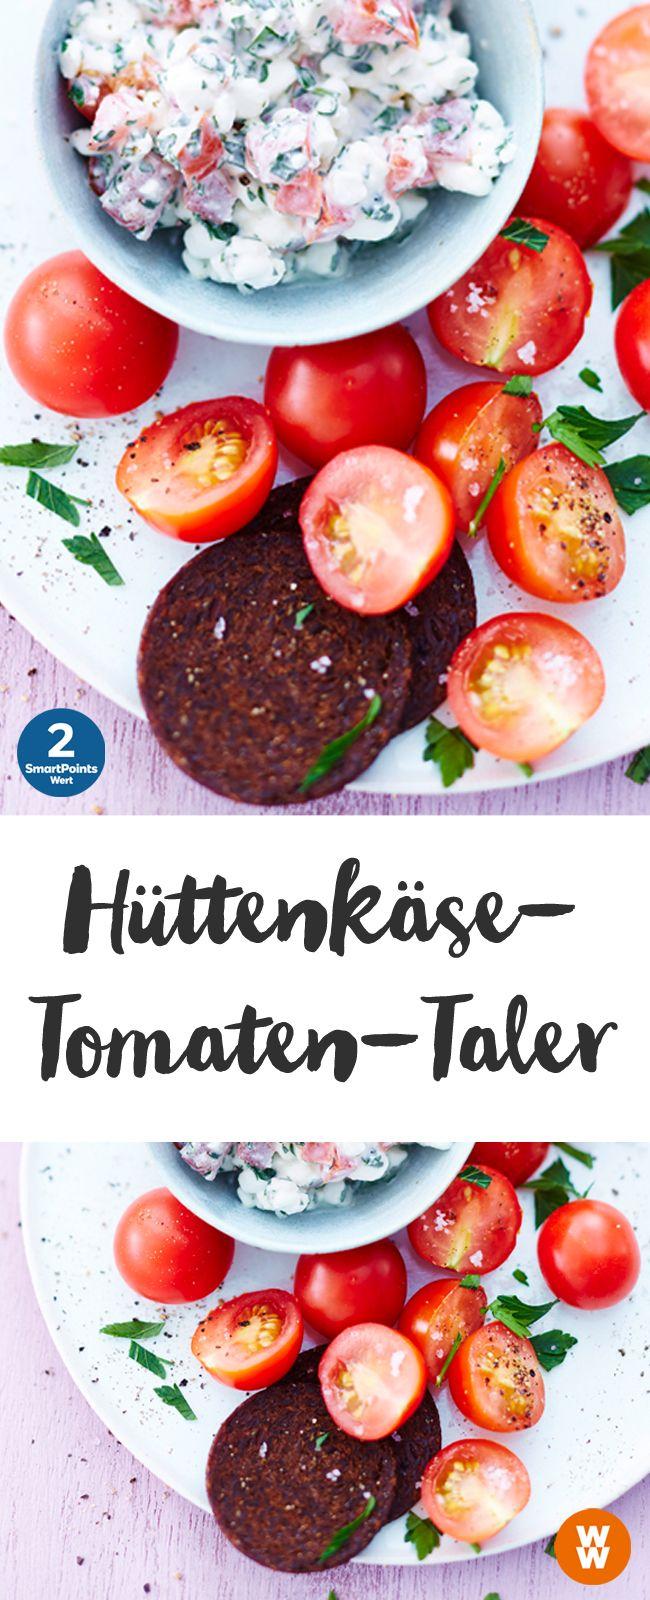 Hüttenkäse-Tomaten-Taler | 1 Portion/2 SmartPoints, Weight Watchers, einfach und schnell fertig in 5 min.